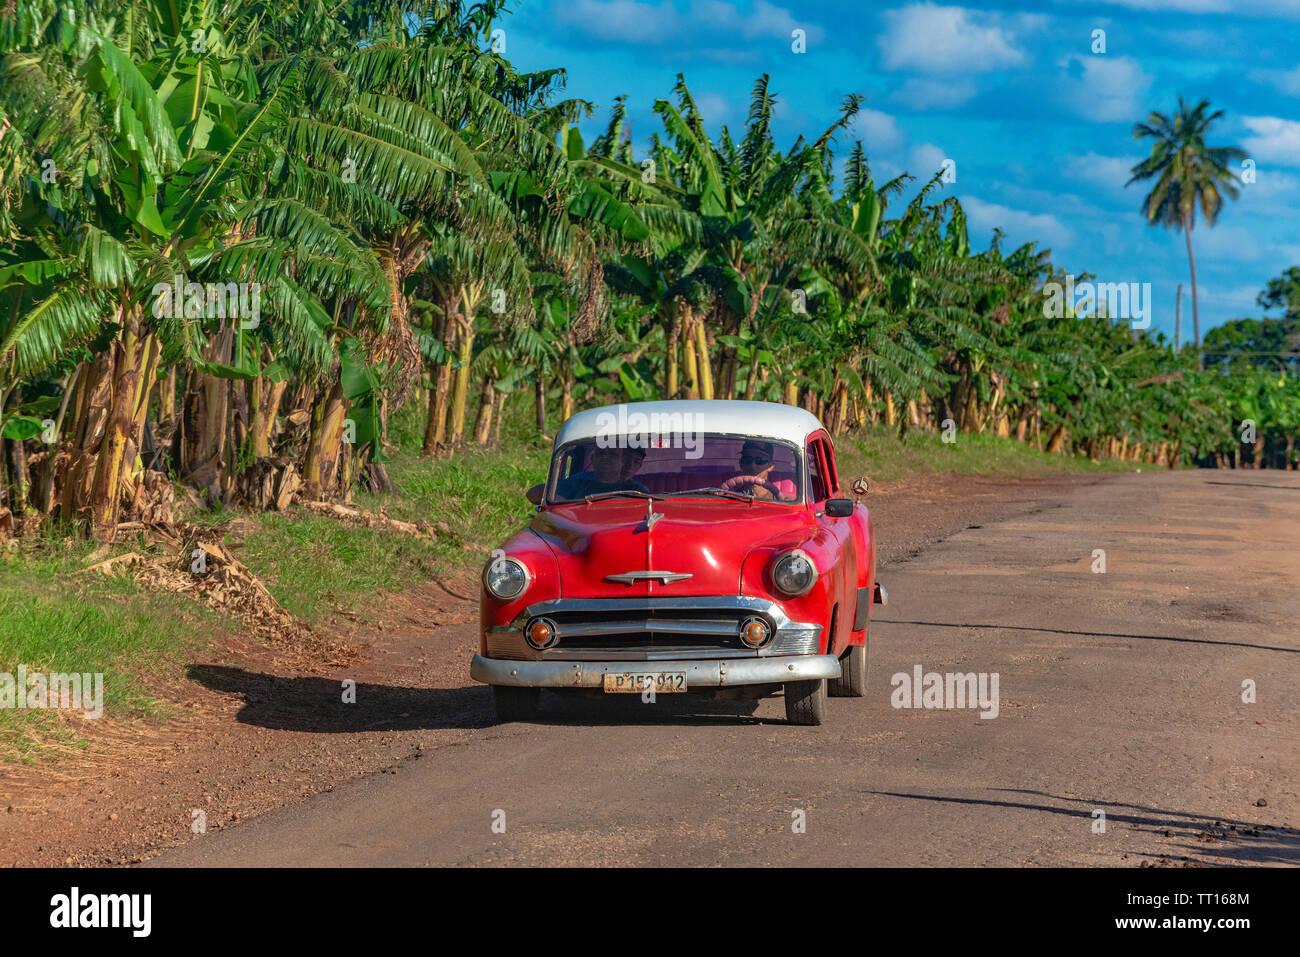 Oldtimer Kubas fahren an einer Bananenplantage auf der Straße von Vinales nach Palma Rubia (Cayo Levisa) Pinar del Rio Provinz, Kuba vorbei Stockfoto